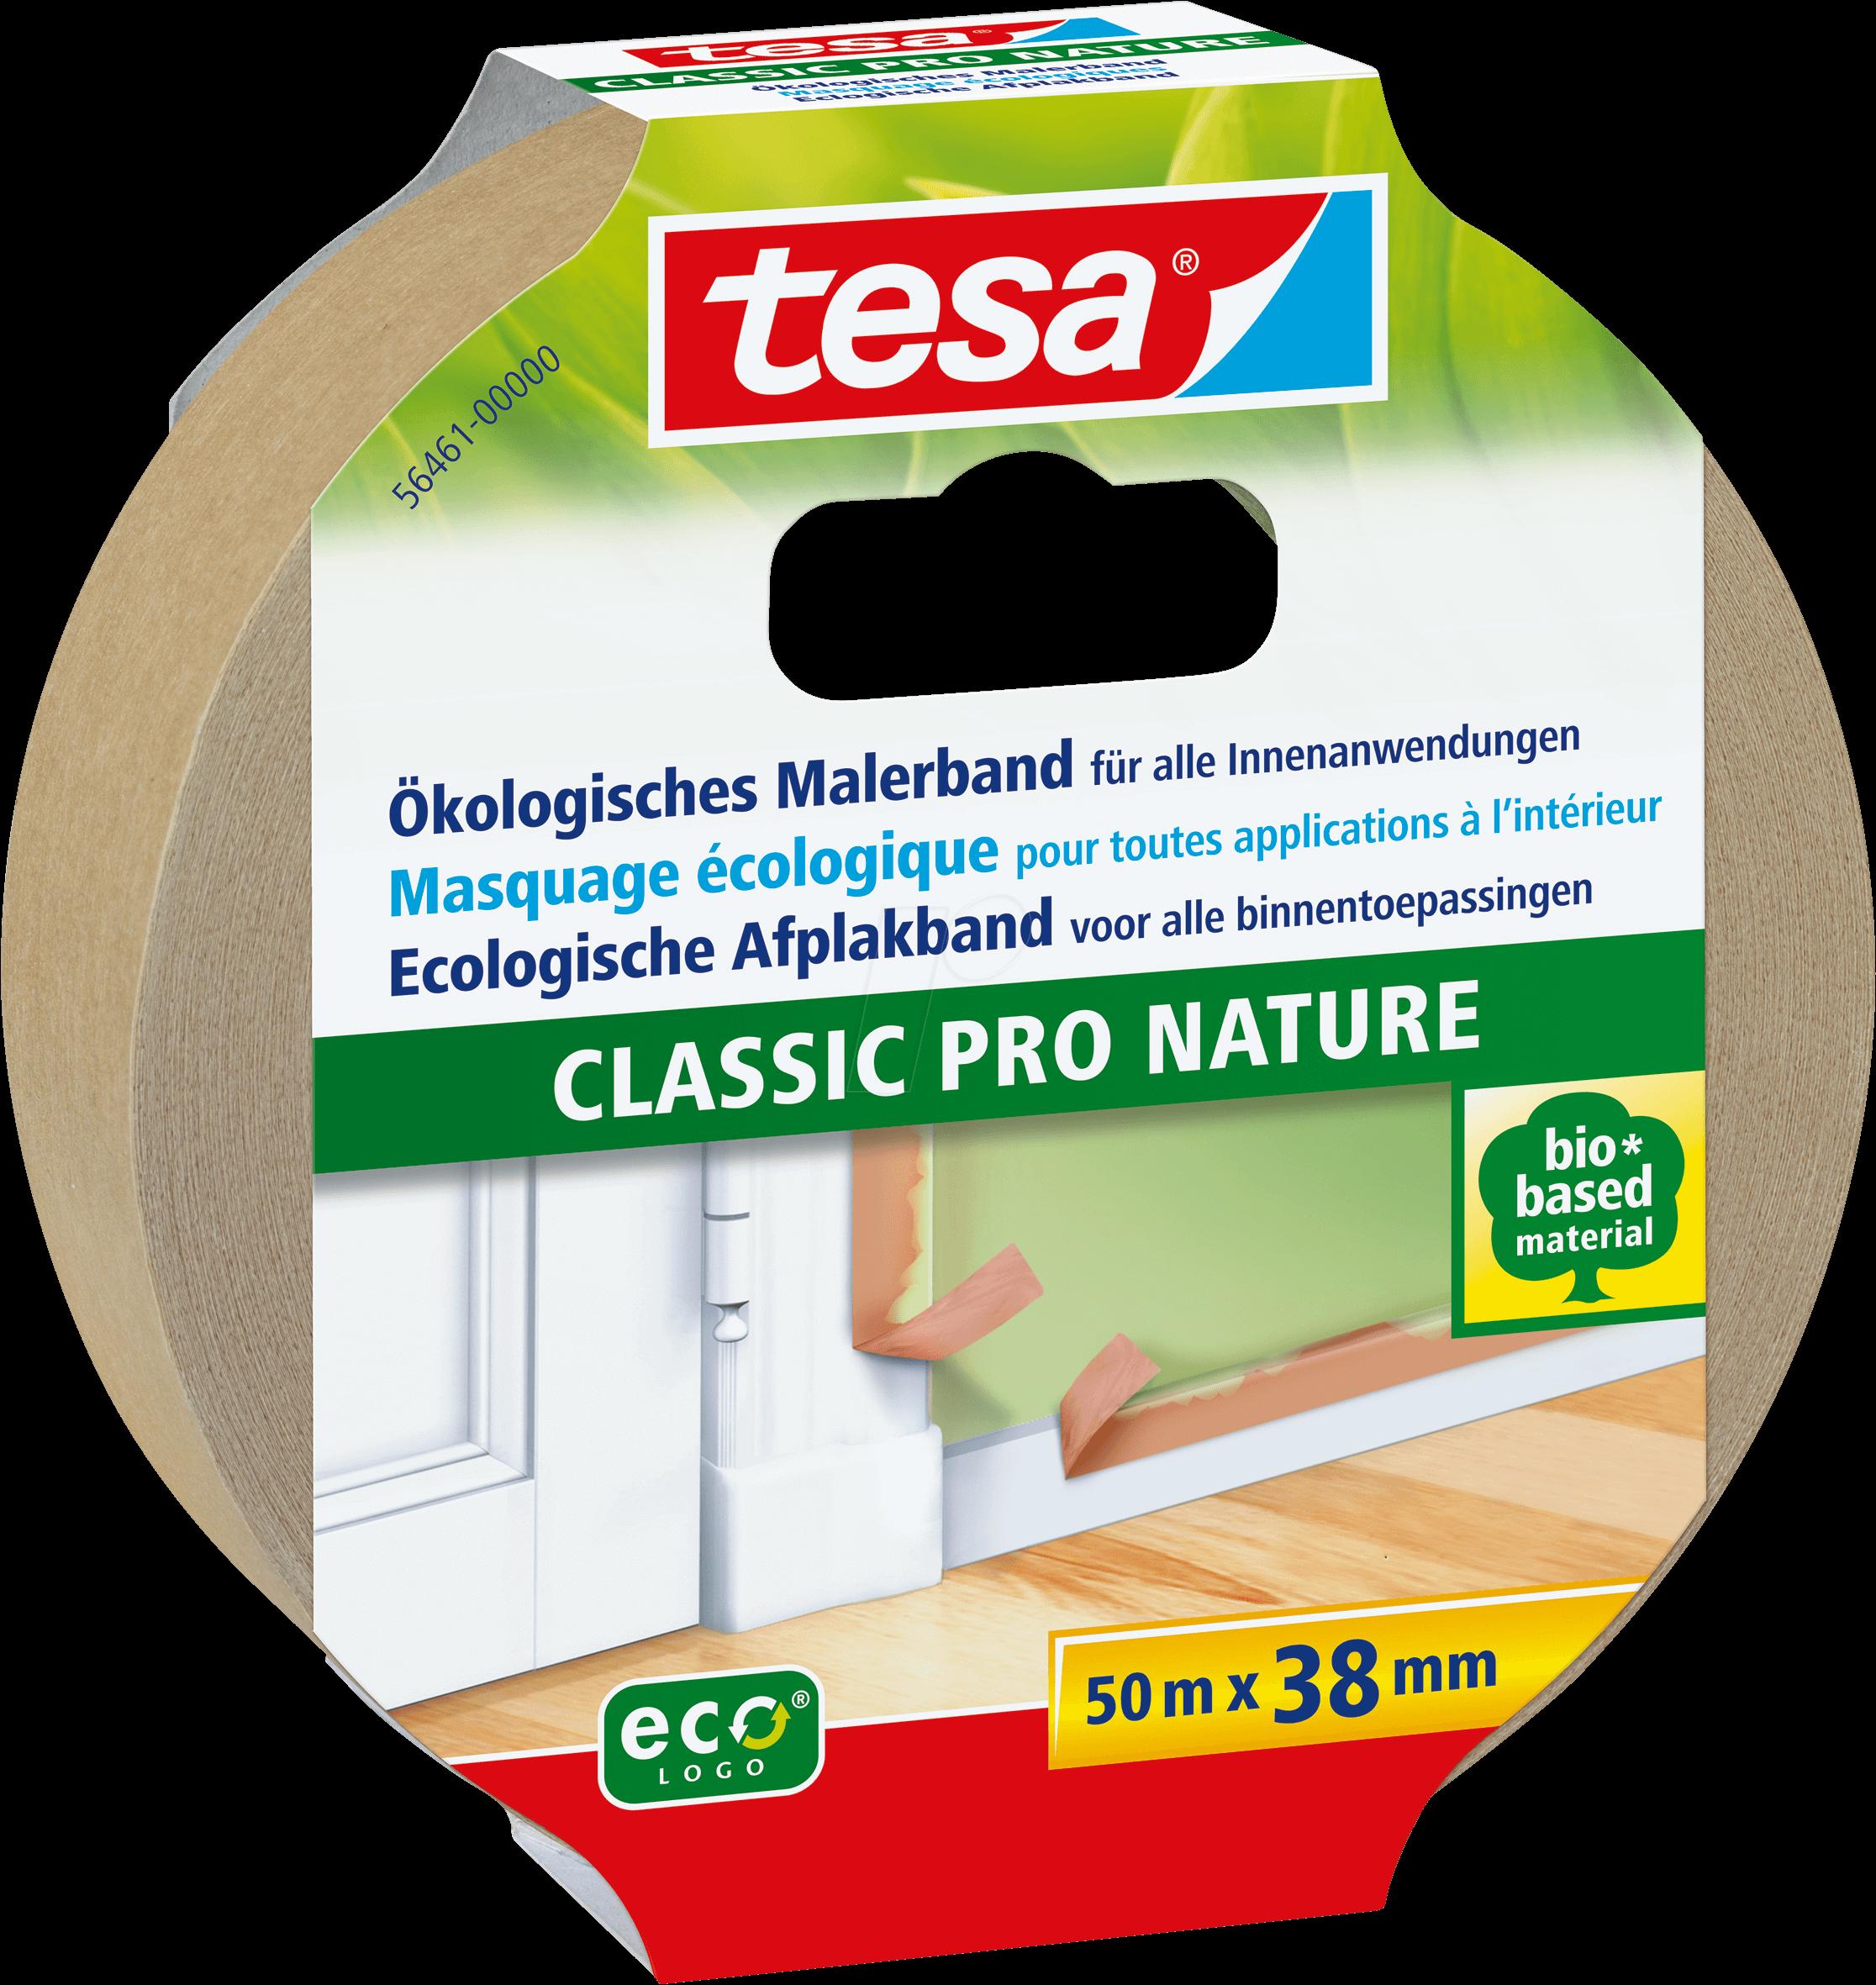 https://cdn-reichelt.de/bilder/web/xxl_ws/E400/TESA_56461_01.png